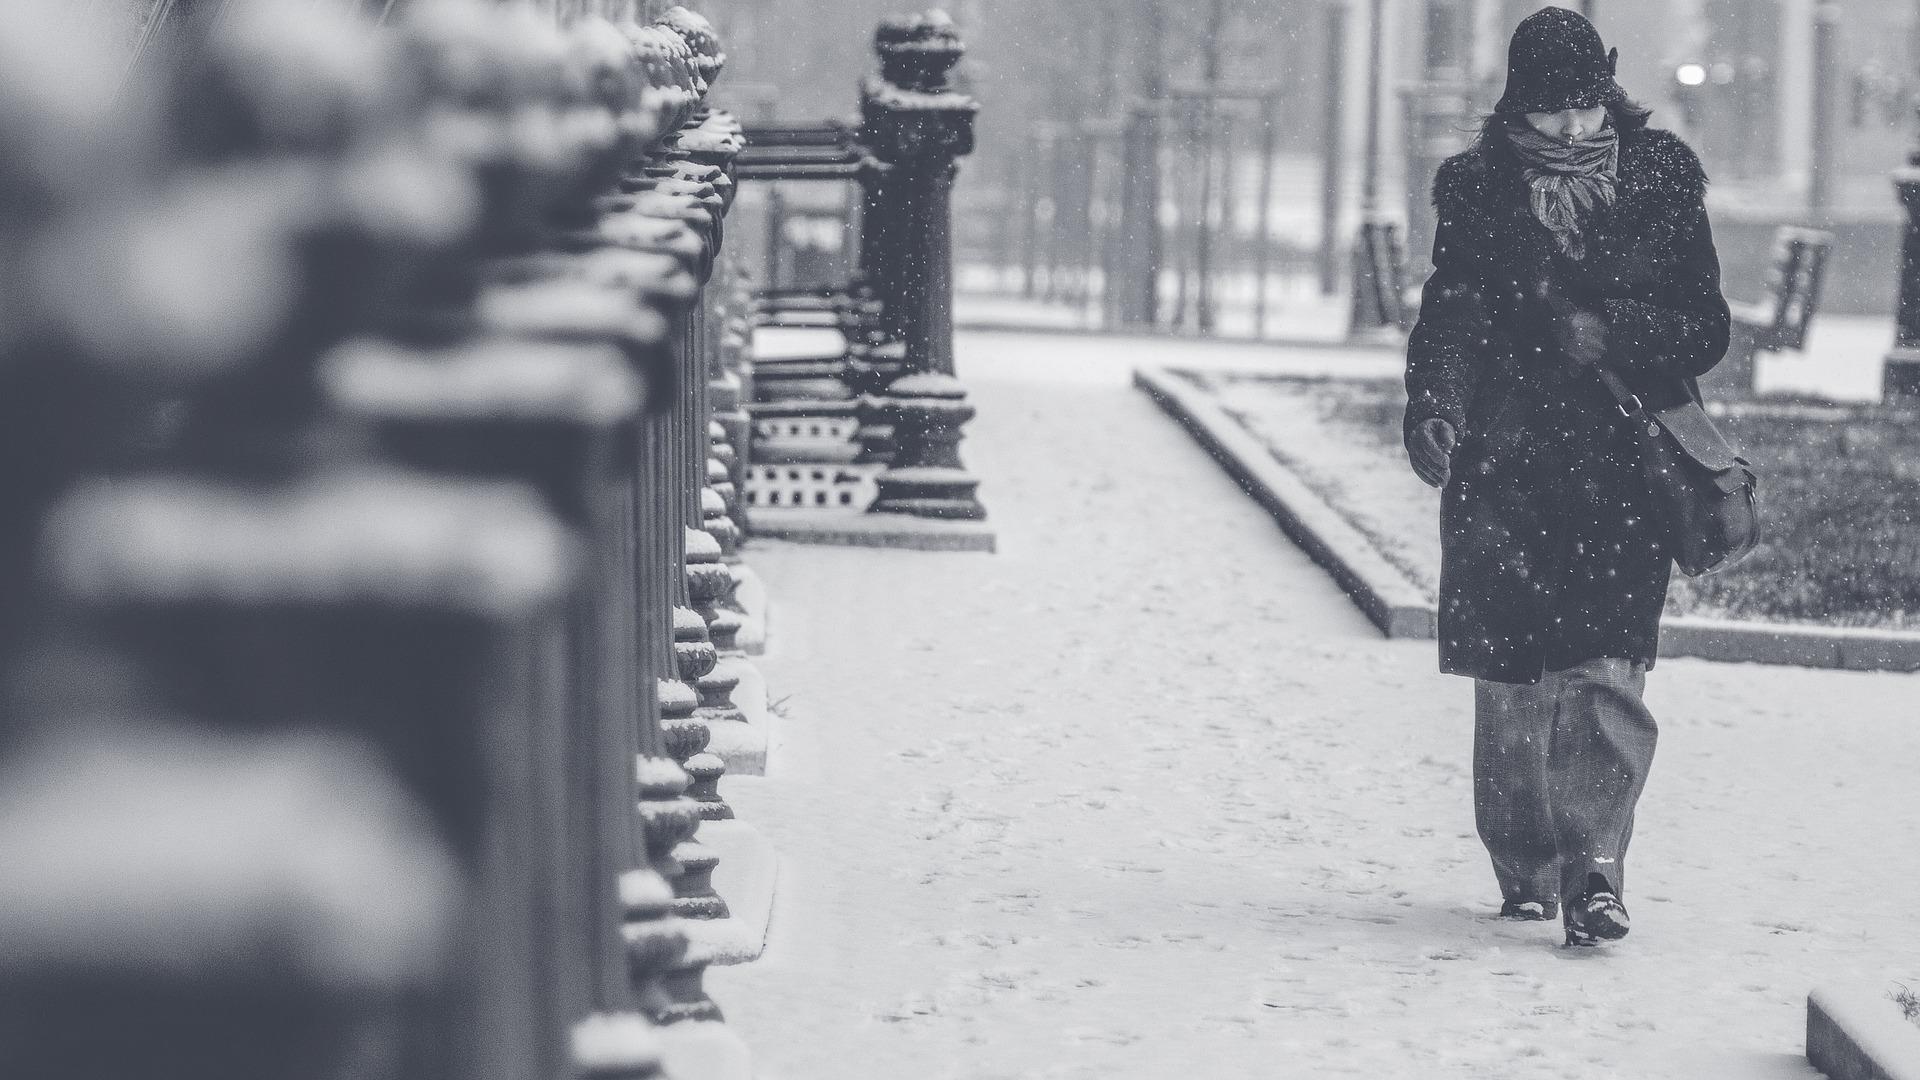 Погода в Челябинске. Синоптики предупредили о морозах, метелях и снегопаде